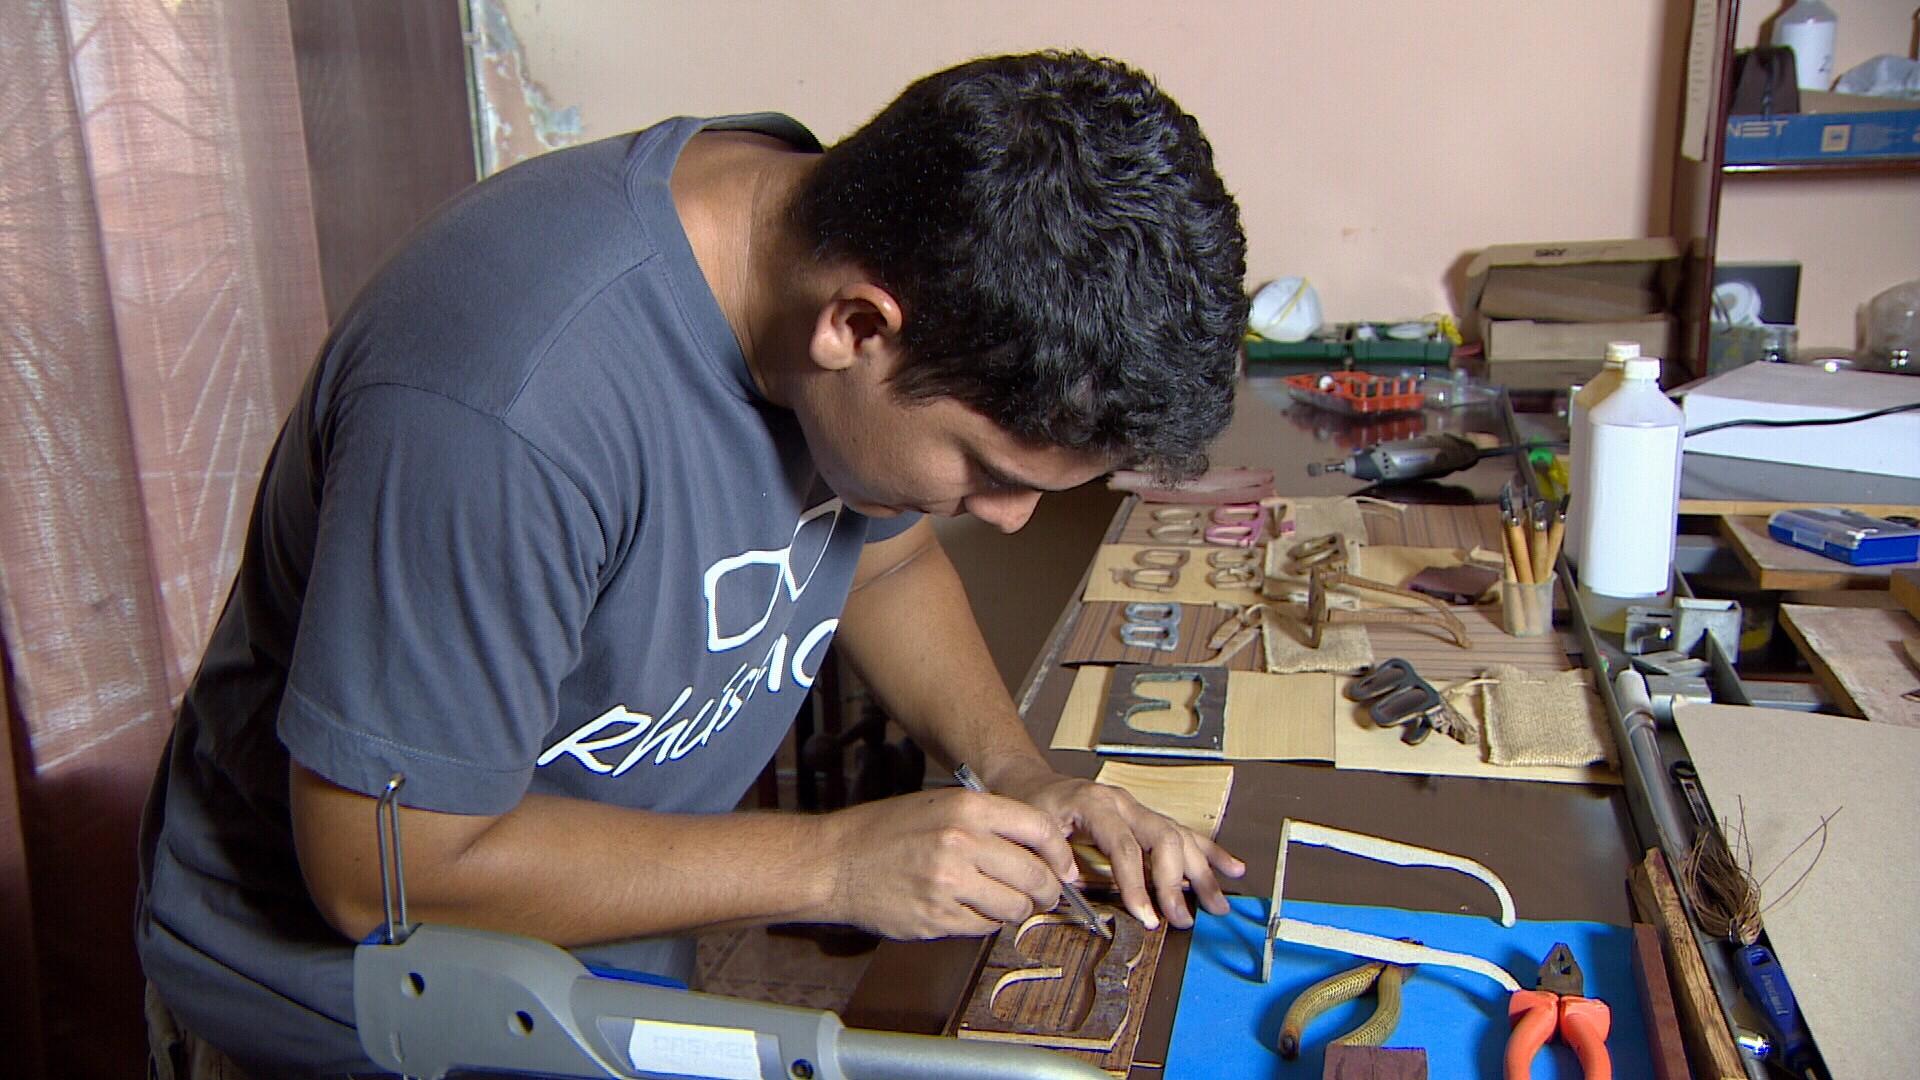 Jovens empreendedores criam armação de óculos de madeira (Foto: Amazônia Revista)